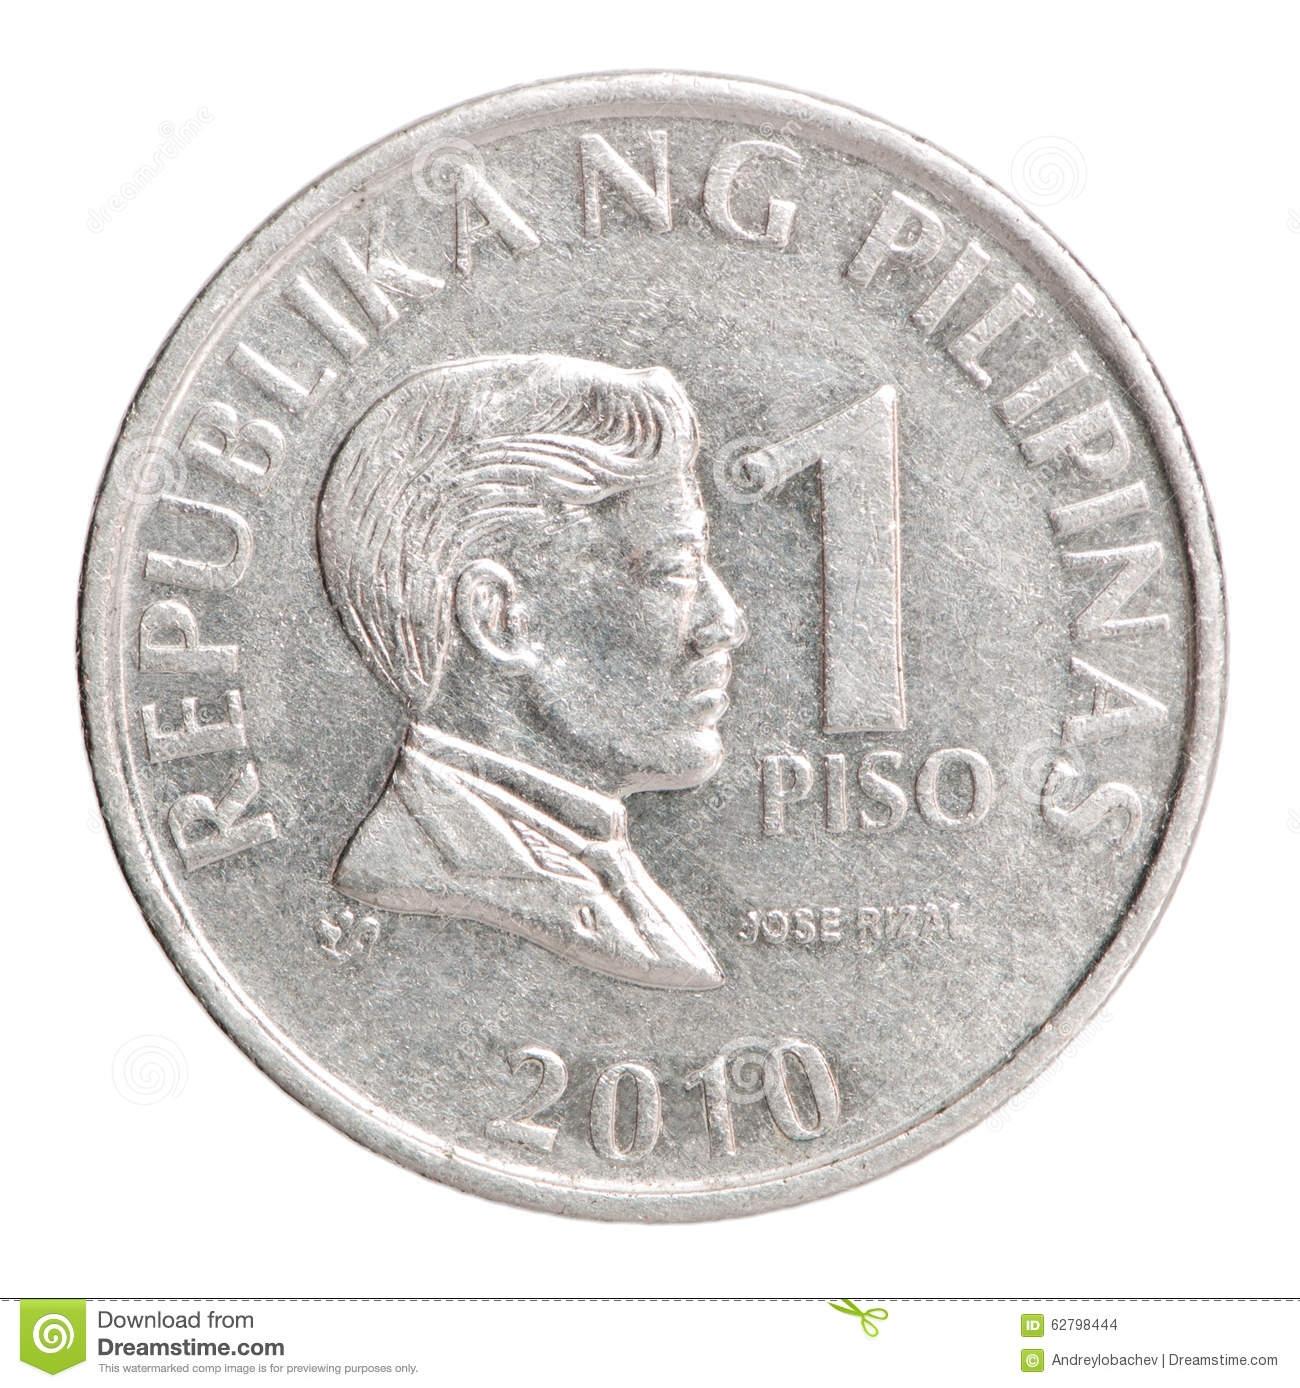 Coin clipart 5 peso Black coin Money White Philippine